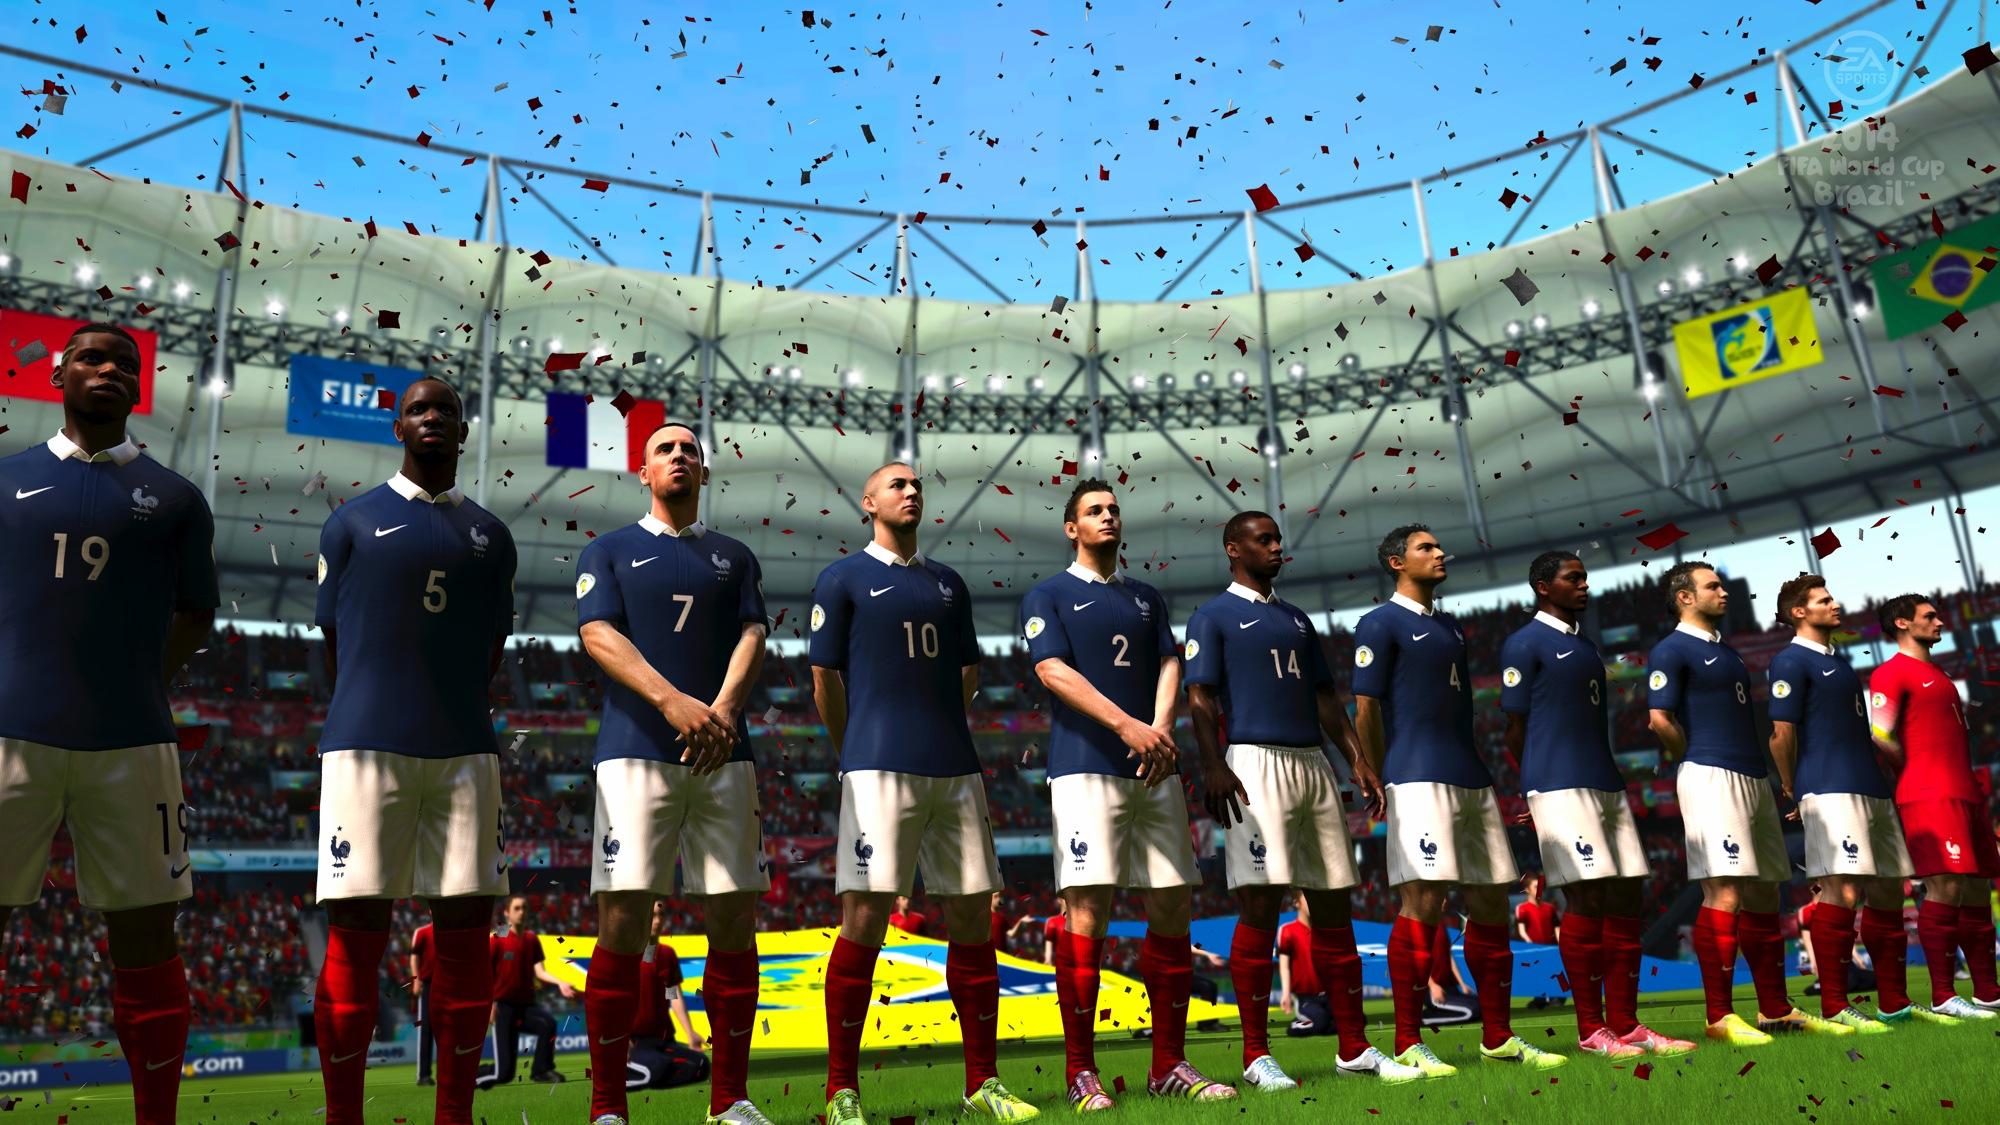 Coupe du monde de la fifa br sil 2014 blog des jeux ind pendants - Jeux de football coupe du monde 2014 ...